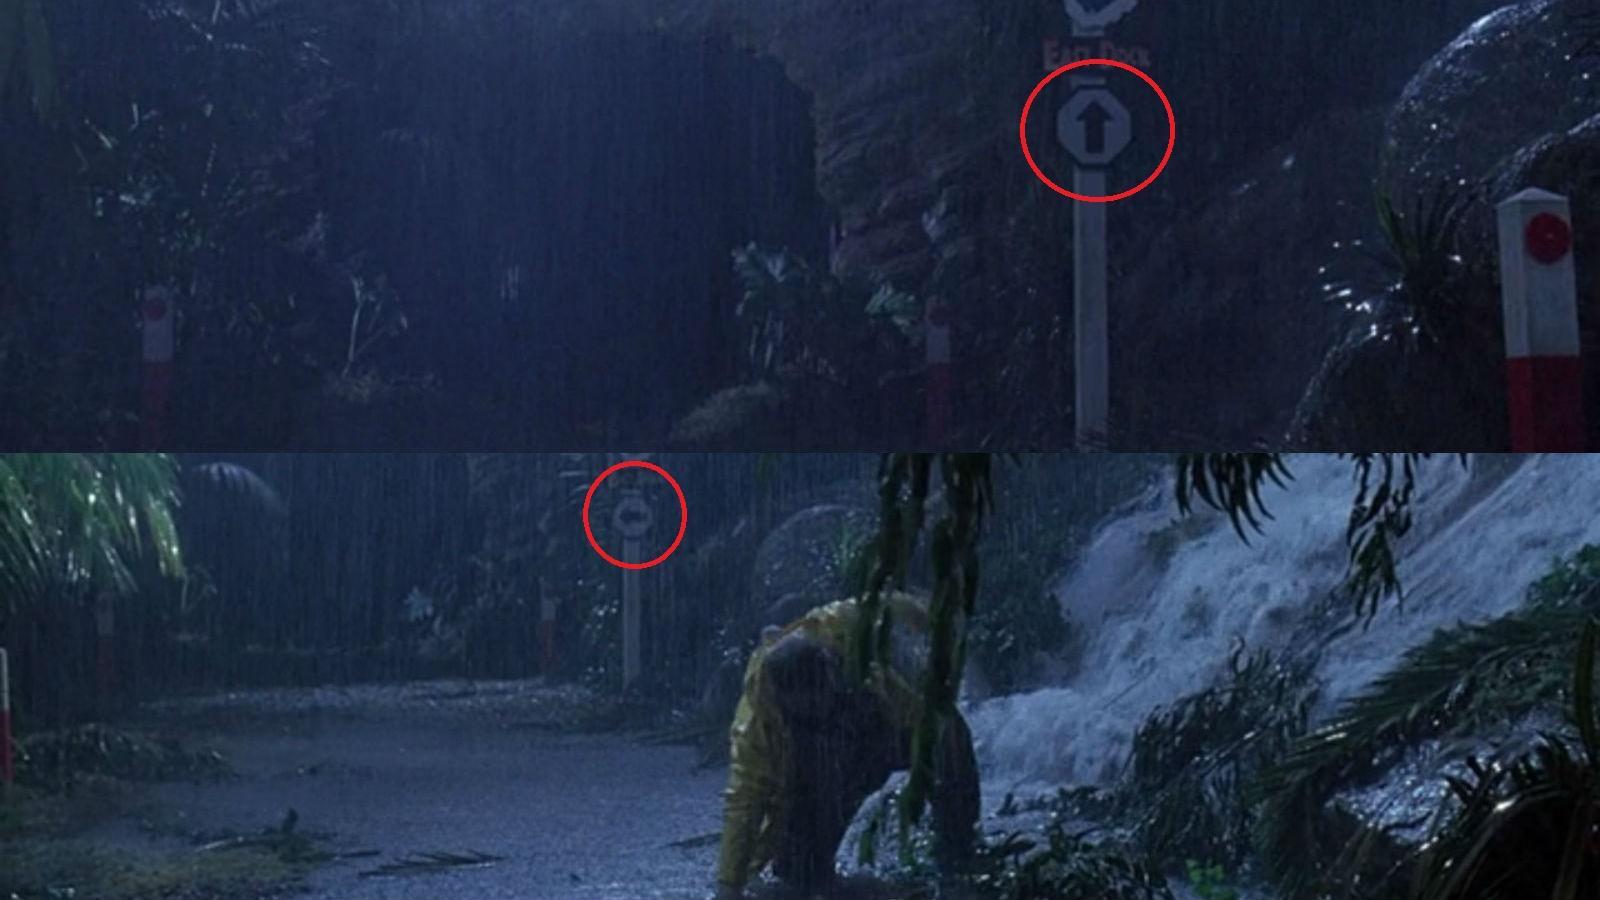 Nedry menekülésénél a jeep megakad, és mutatja a kamera az utat. Lám, ott is a nyíl előre, majd amikor megint ráközelít, már balra mutat! (Universal Pictures)